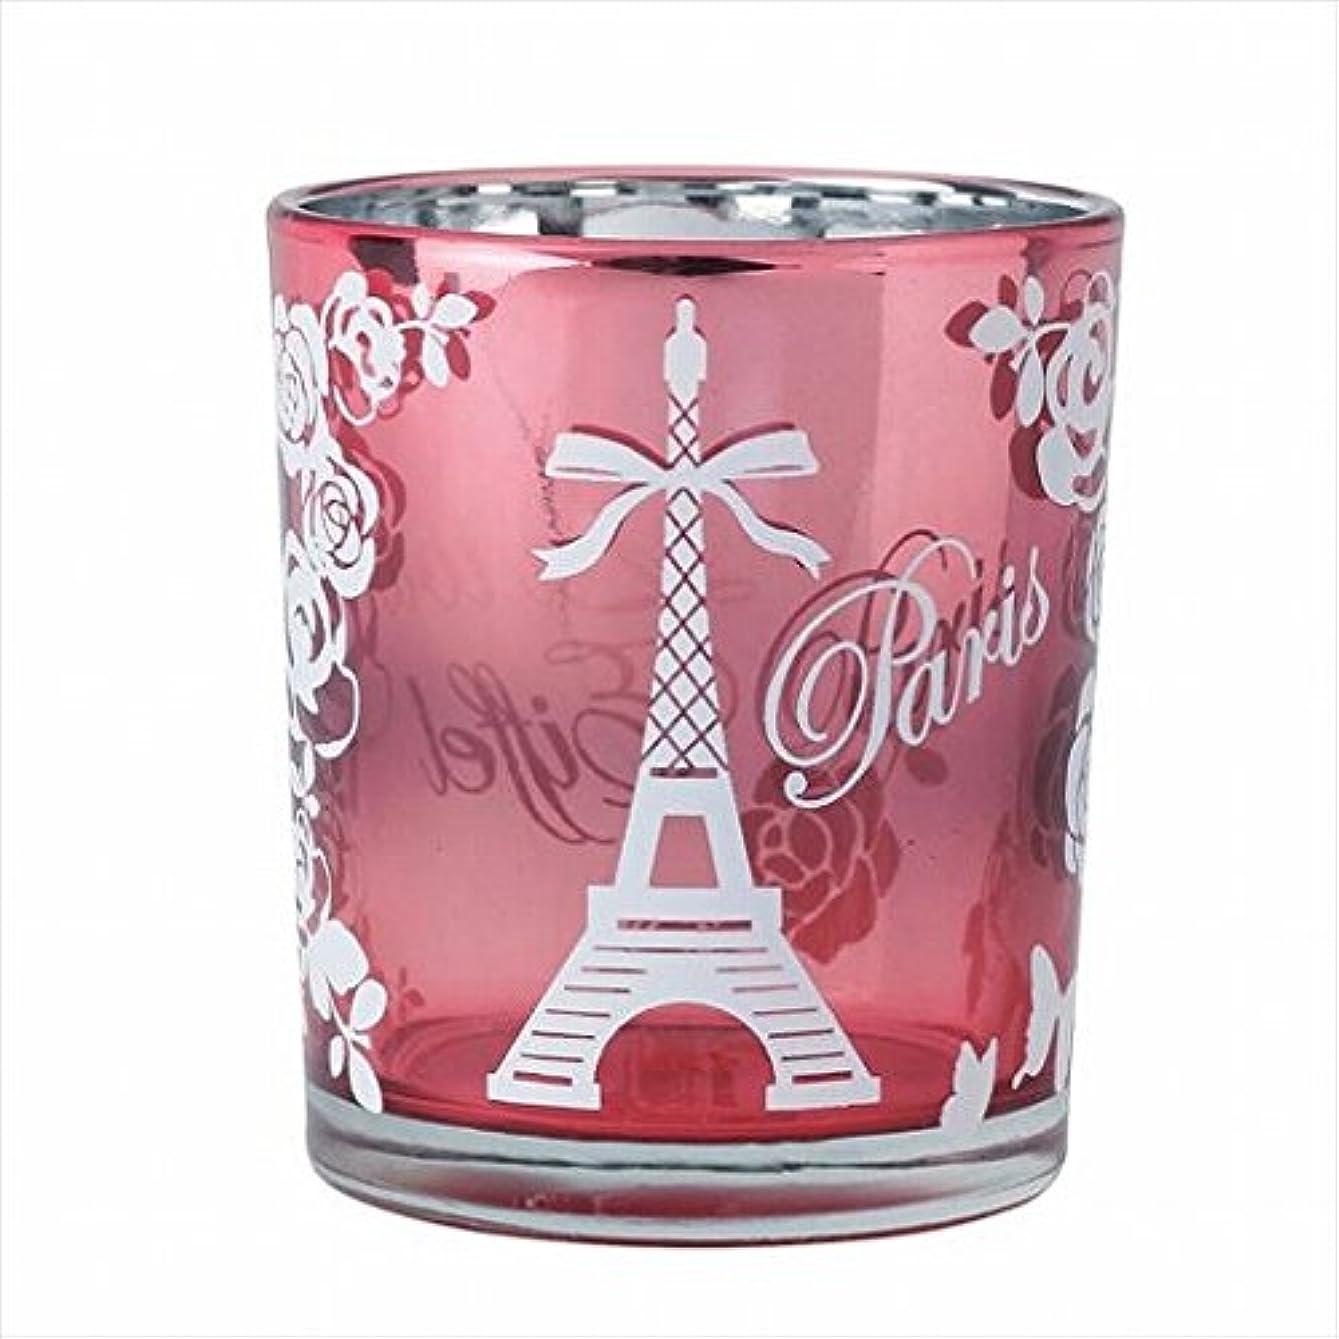 起きるハーフ嫌がらせカメヤマキャンドル(kameyama candle) エッフェル塔オーロラカップ 「 ピンク 」